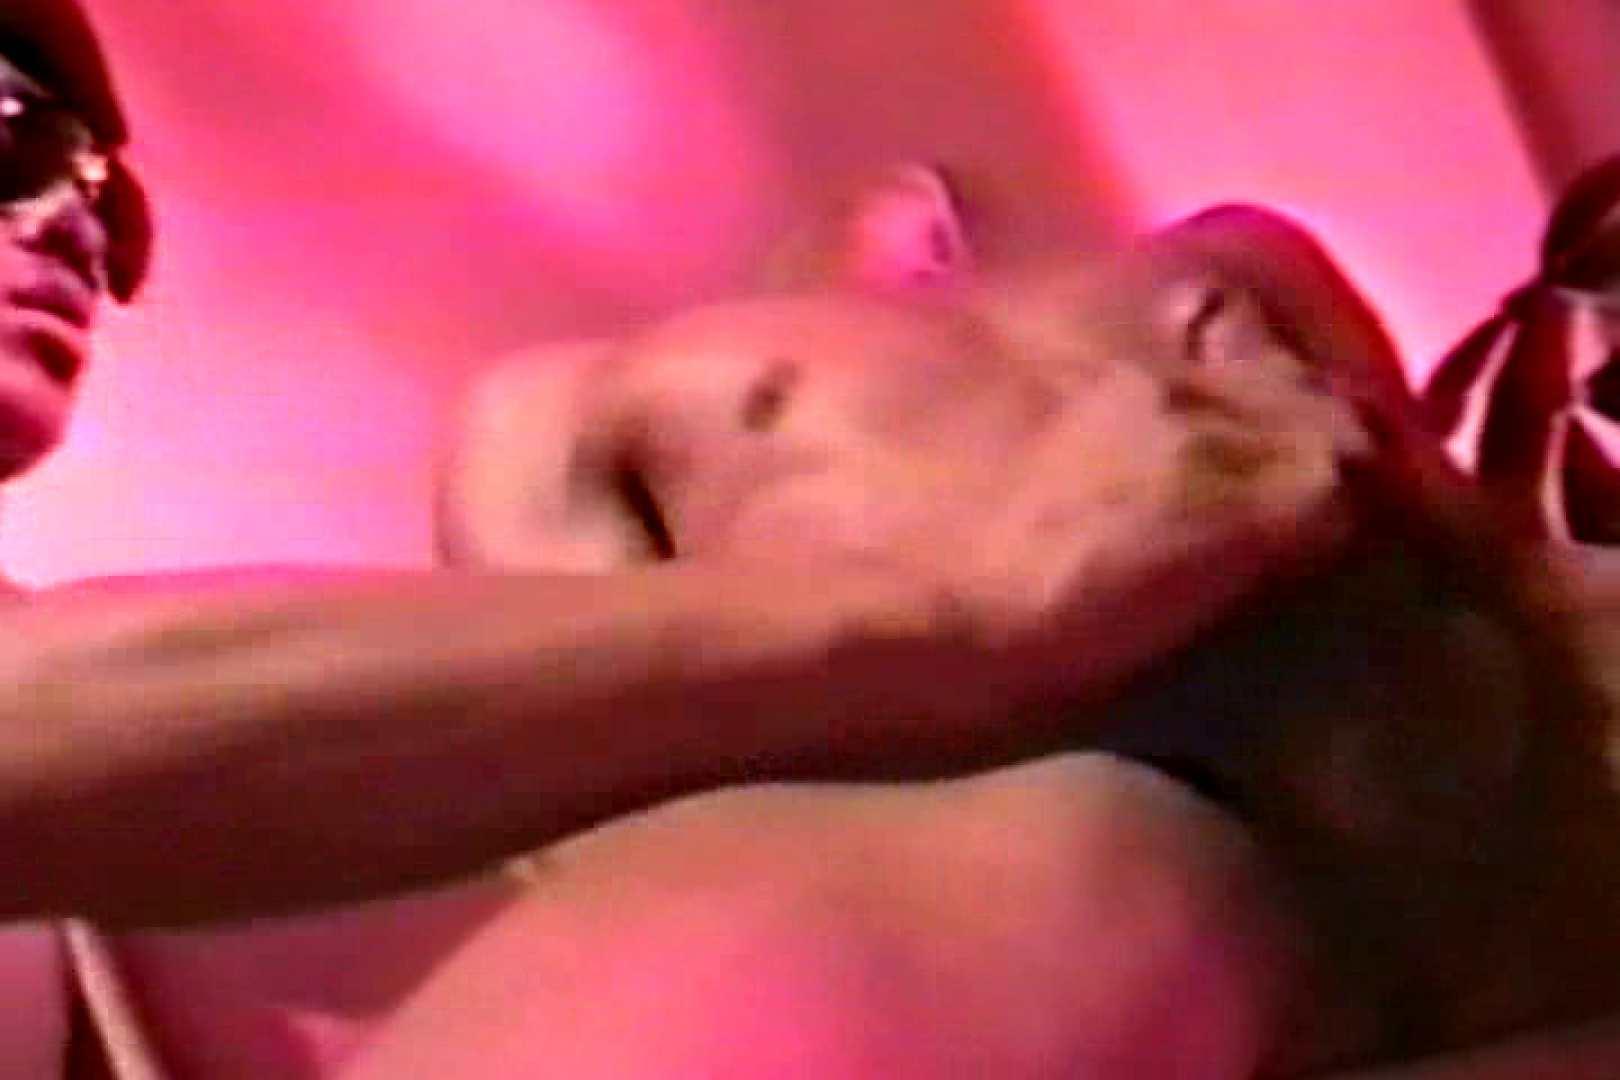 往年の名作 あの頃は若かった!Vol.05 イメージ (sex) | フェラ ゲイエロ画像 101枚 68